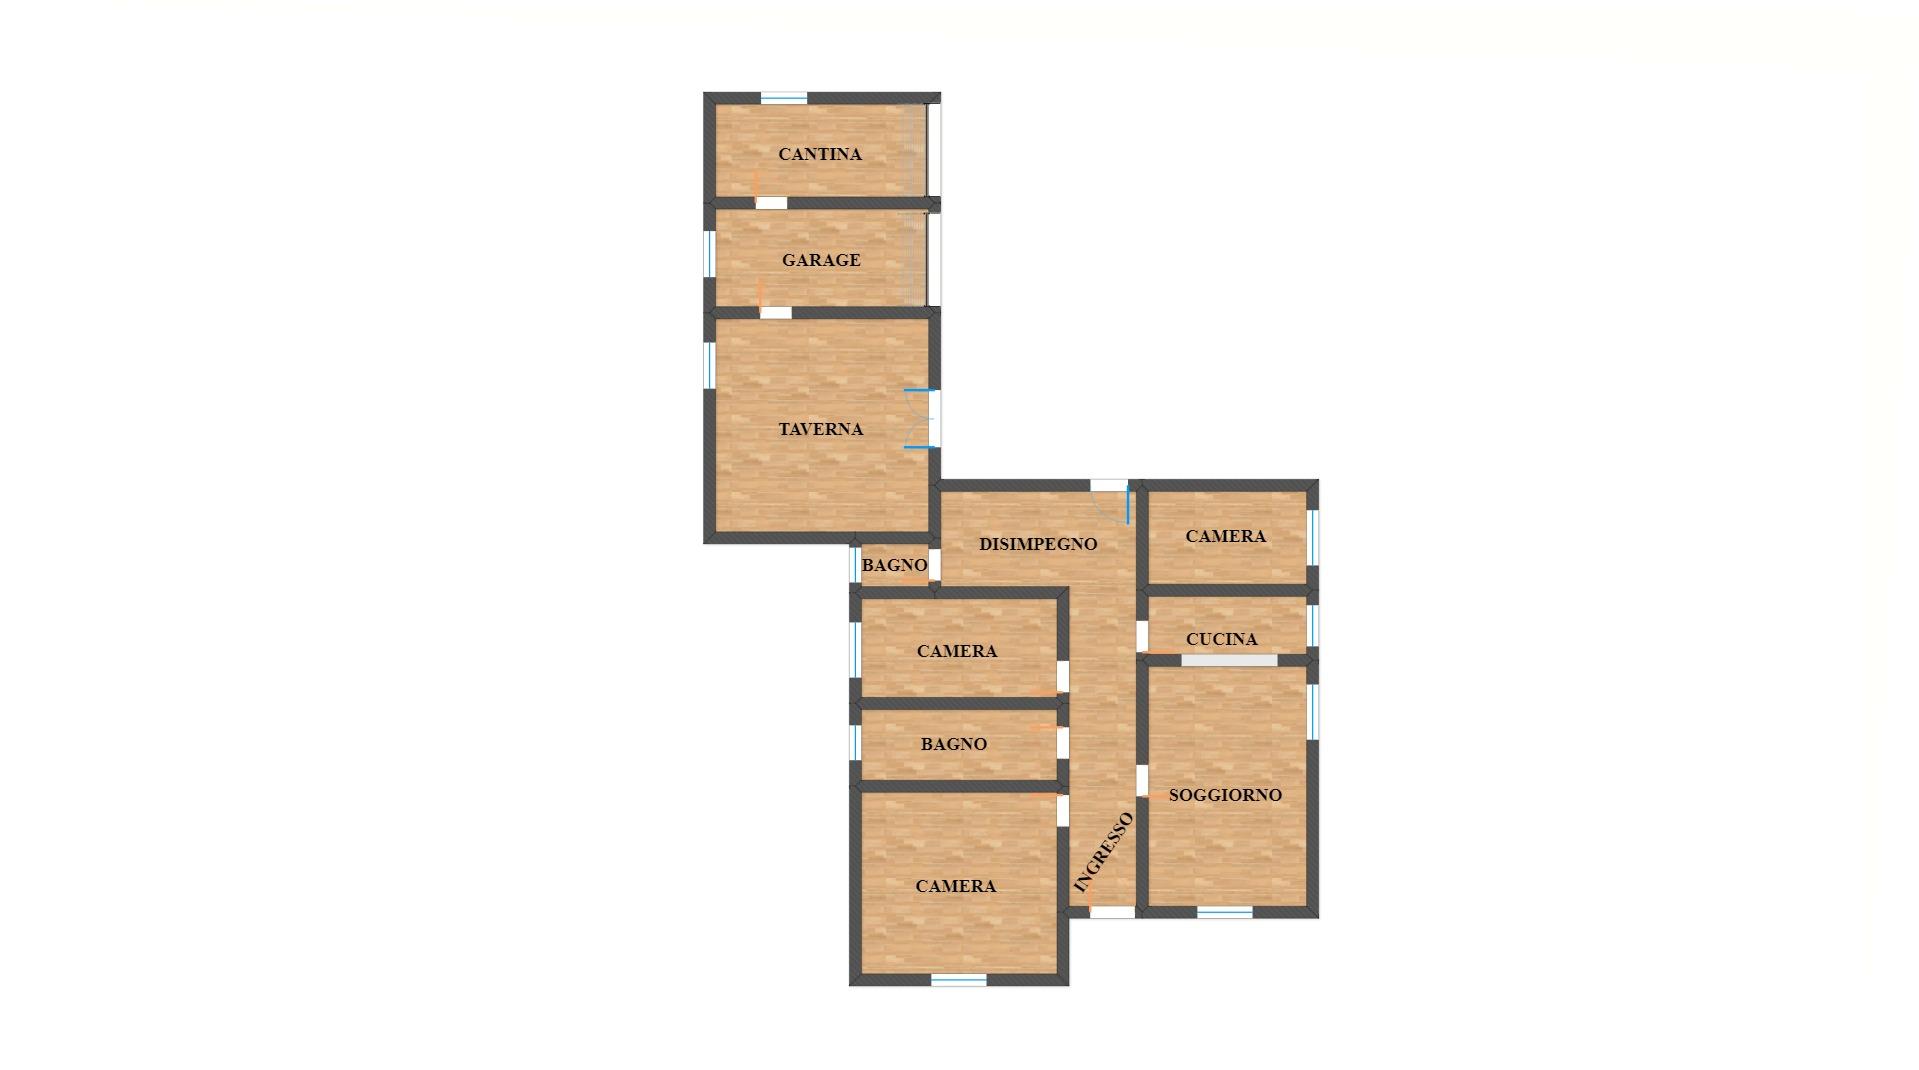 ALBIGNASEGO – SAN TOMMASO, casa singola su unico livello, da ristrutturare